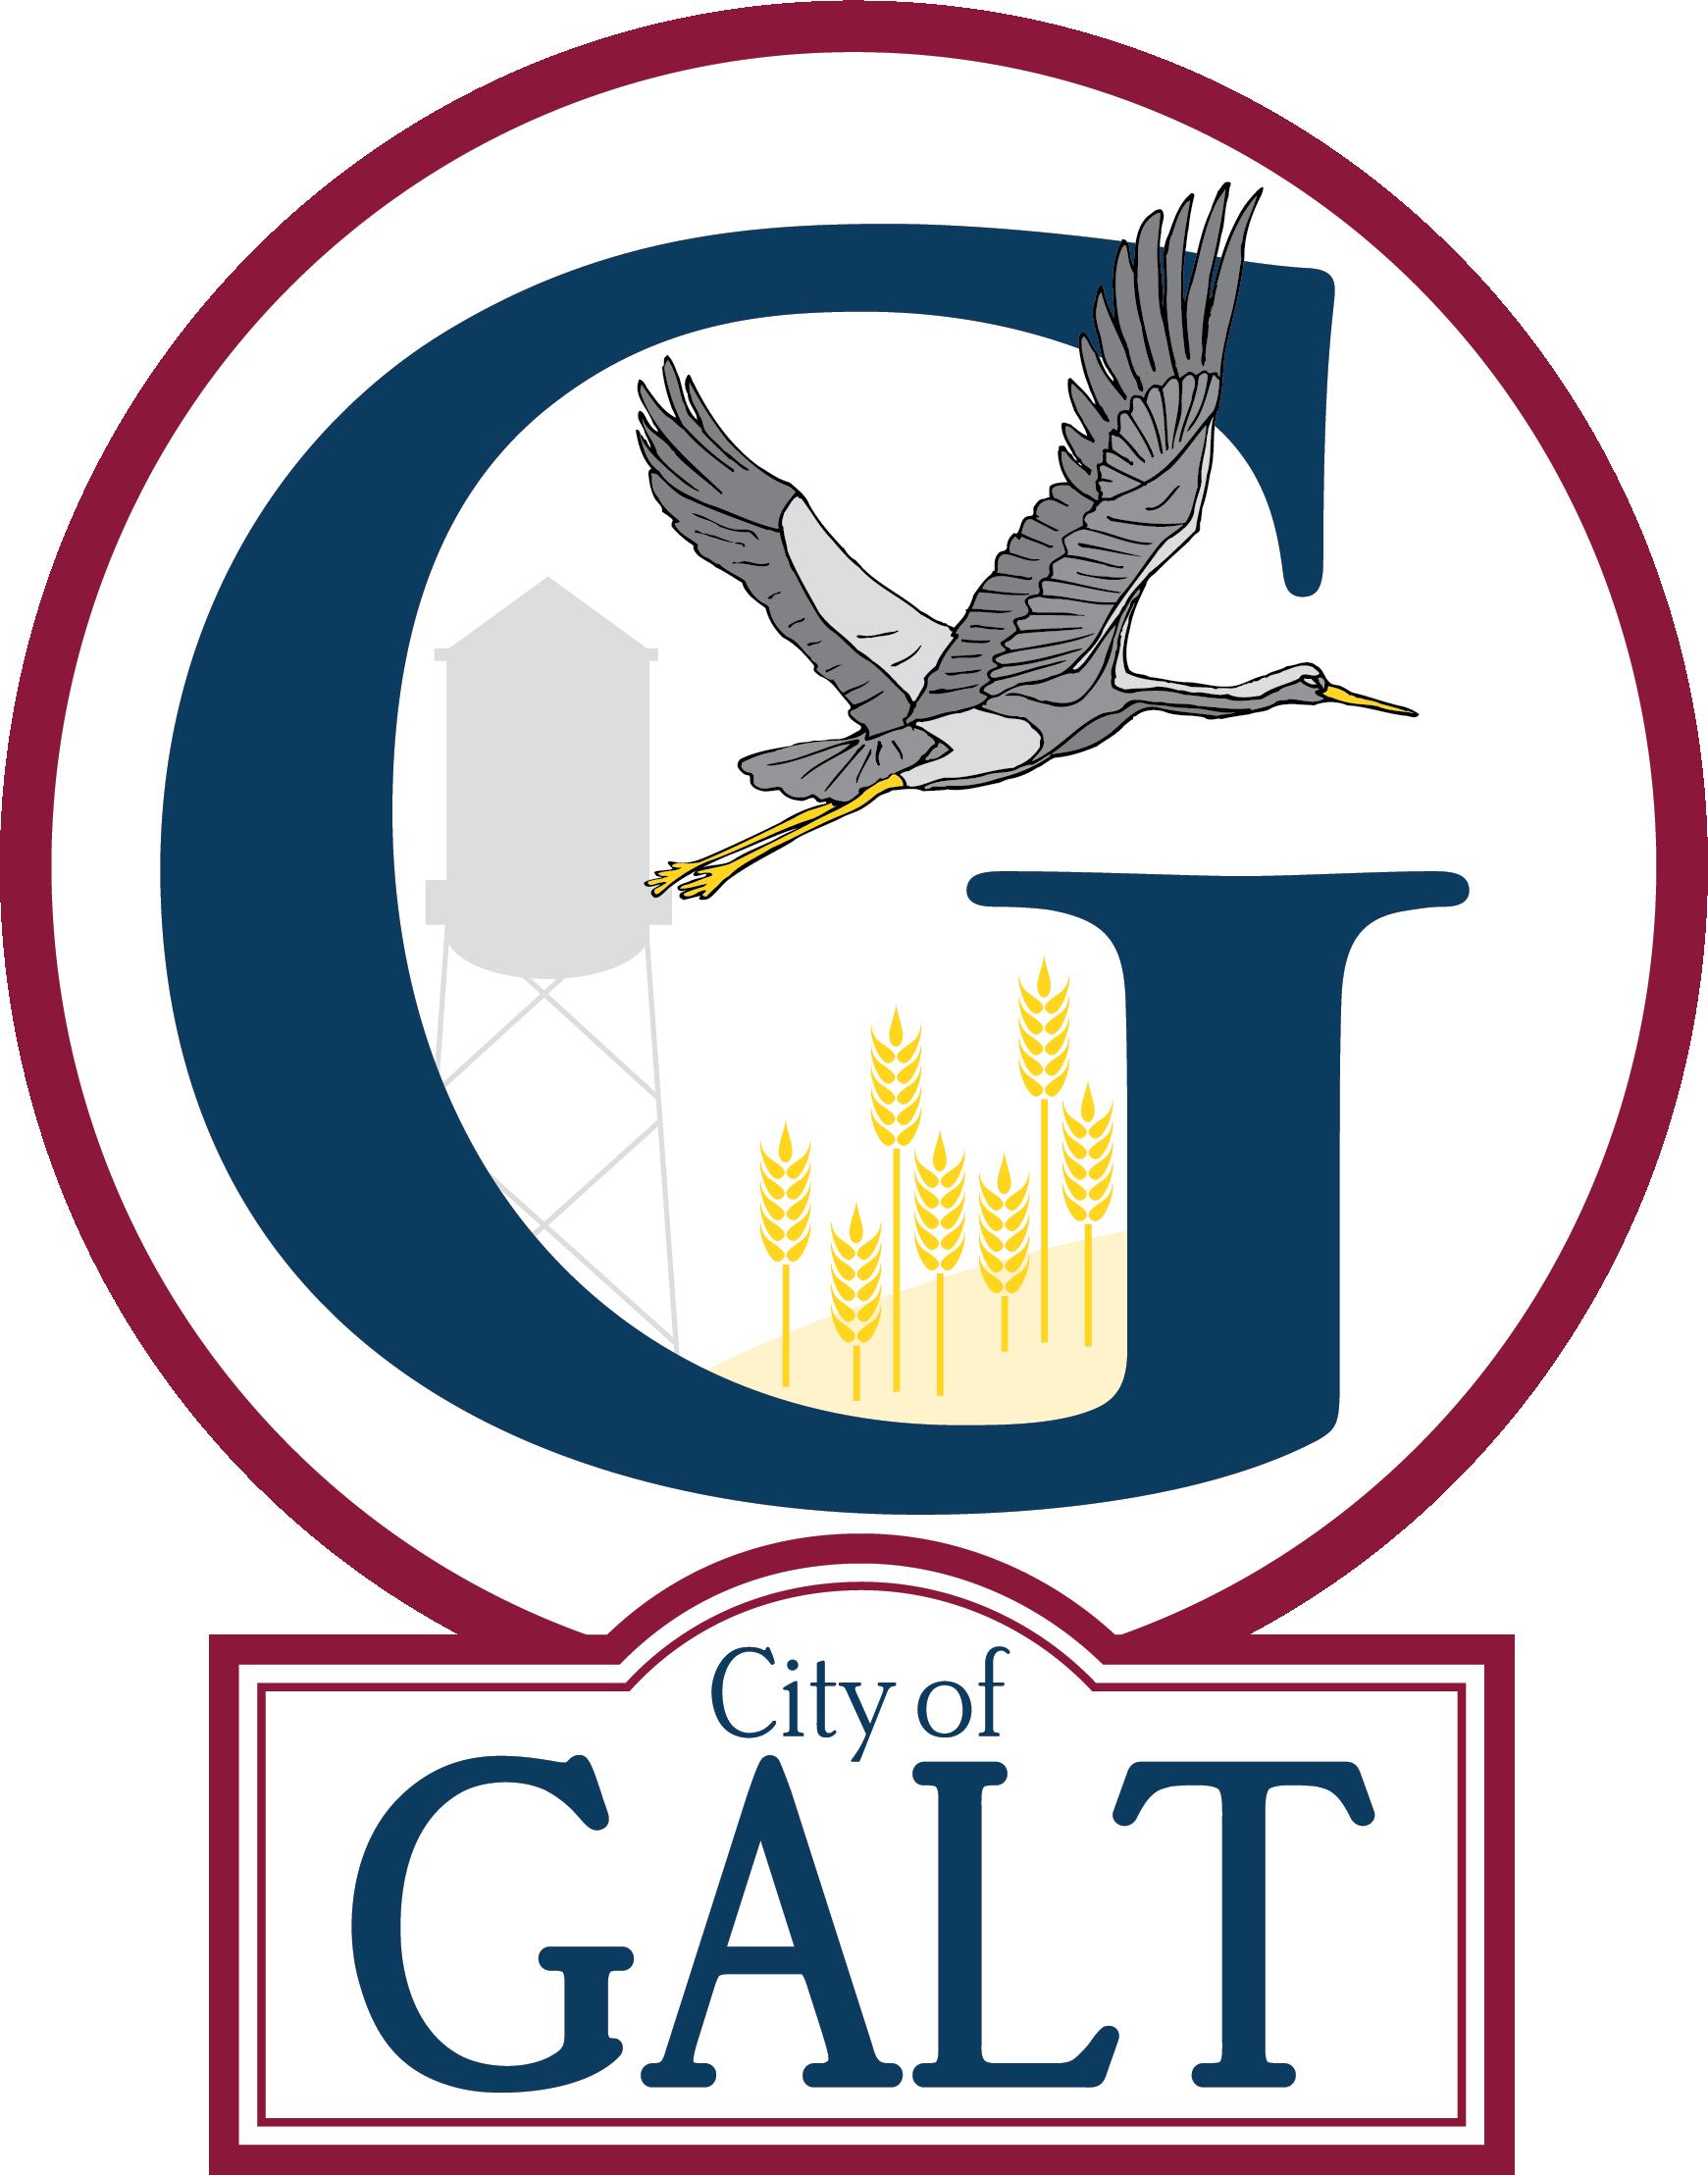 City of Galt logo - August 2021